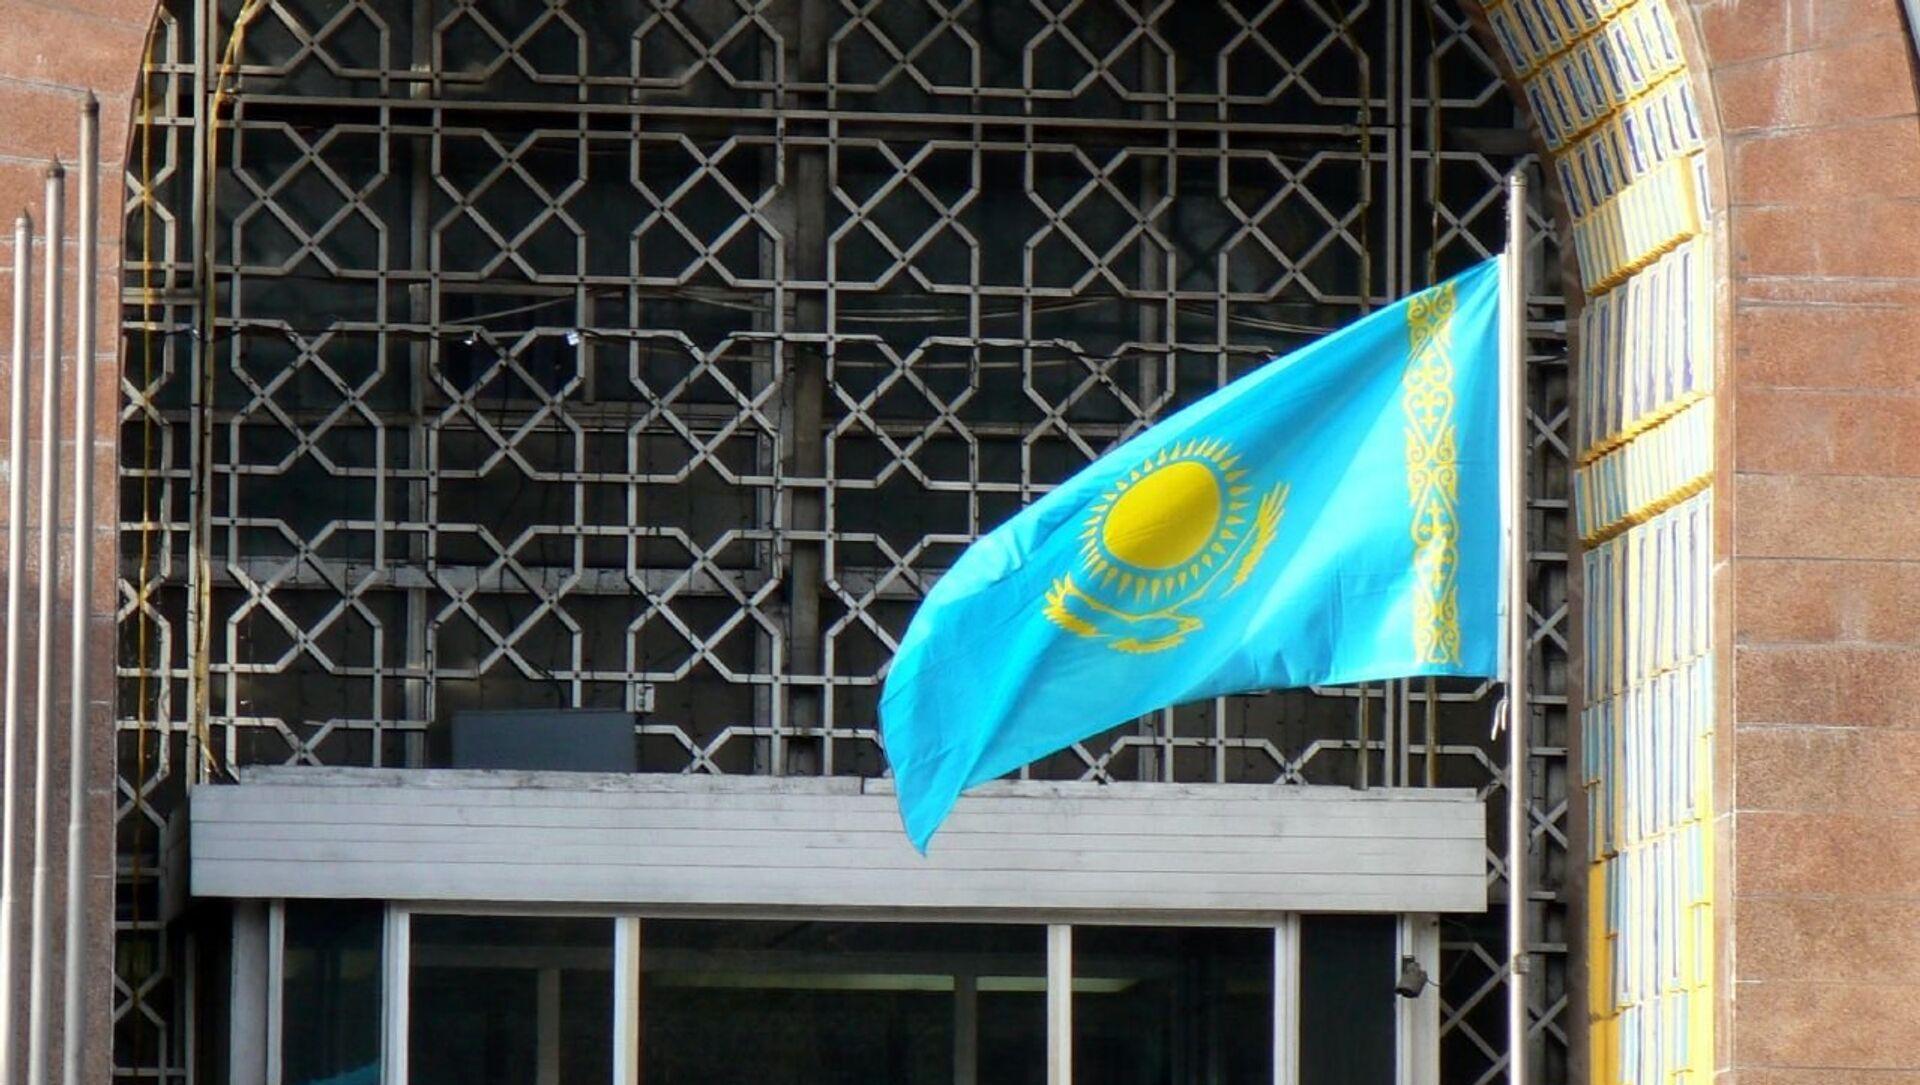 Bandera de Kazajistán - Sputnik Mundo, 1920, 29.12.2020